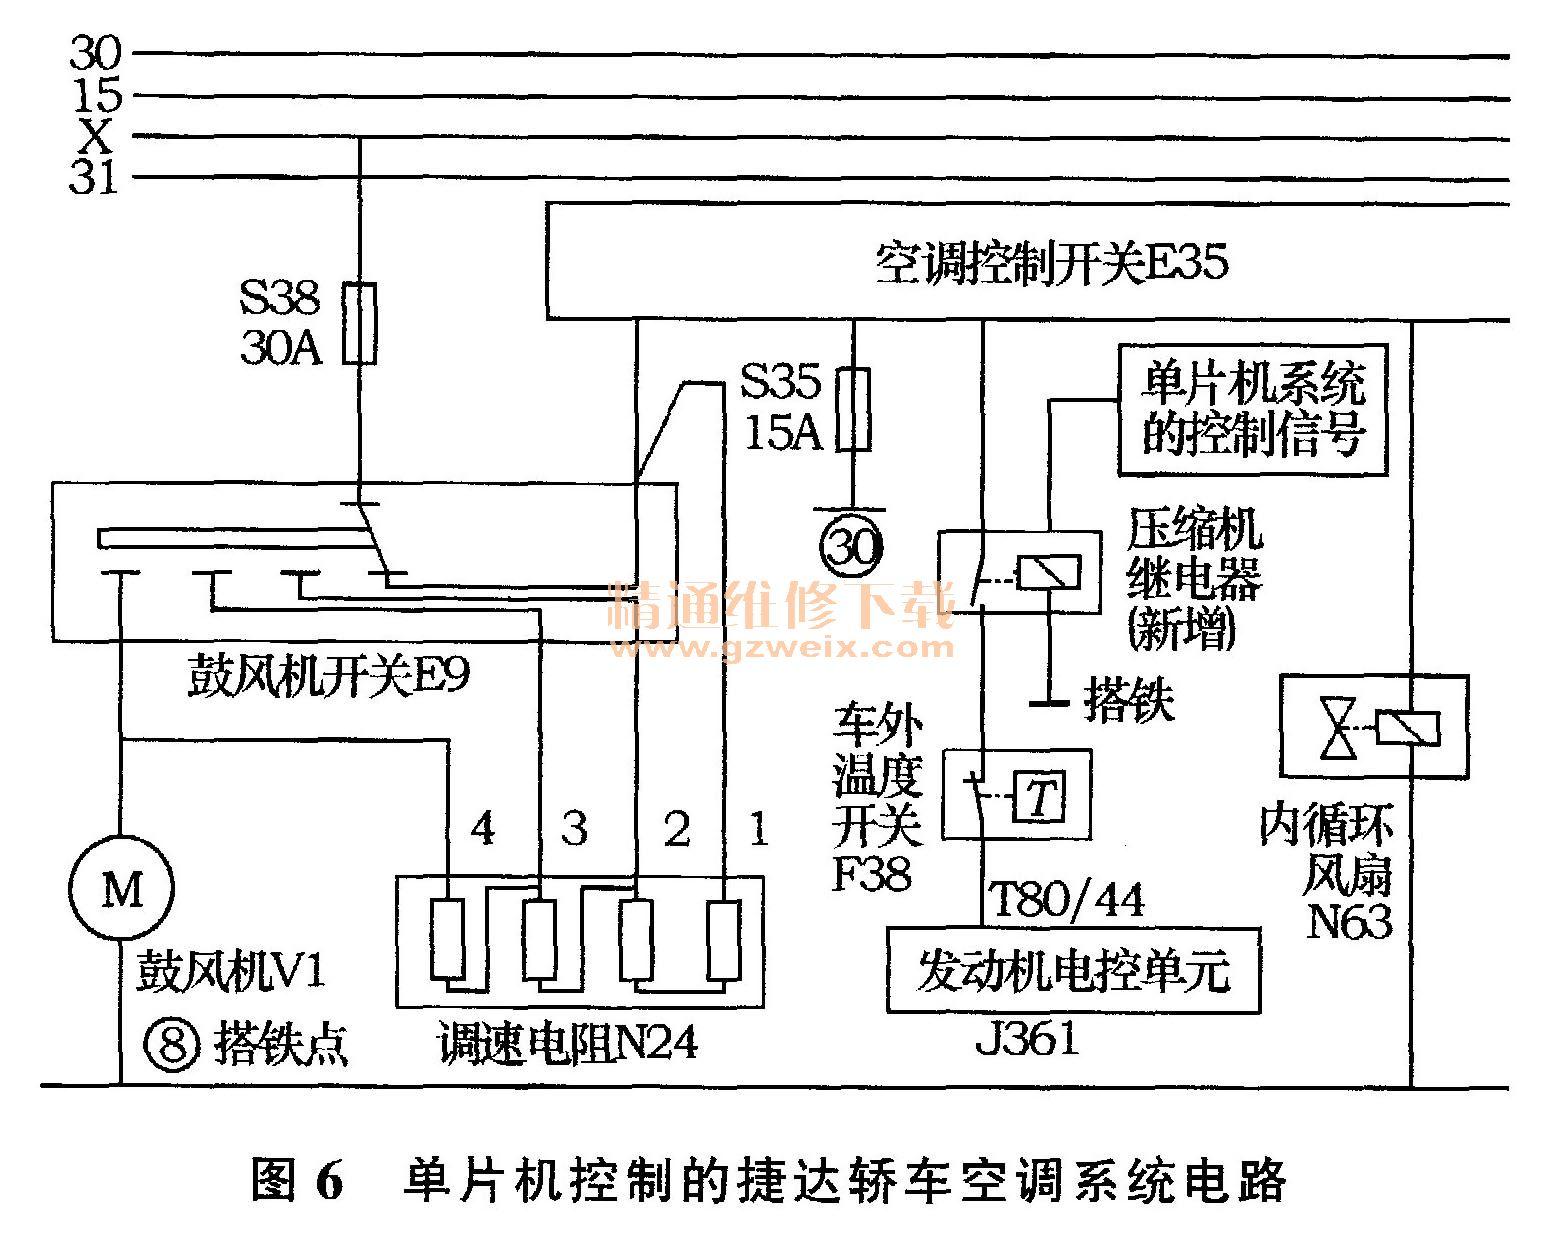 2)空调系统电路改造空调系统的